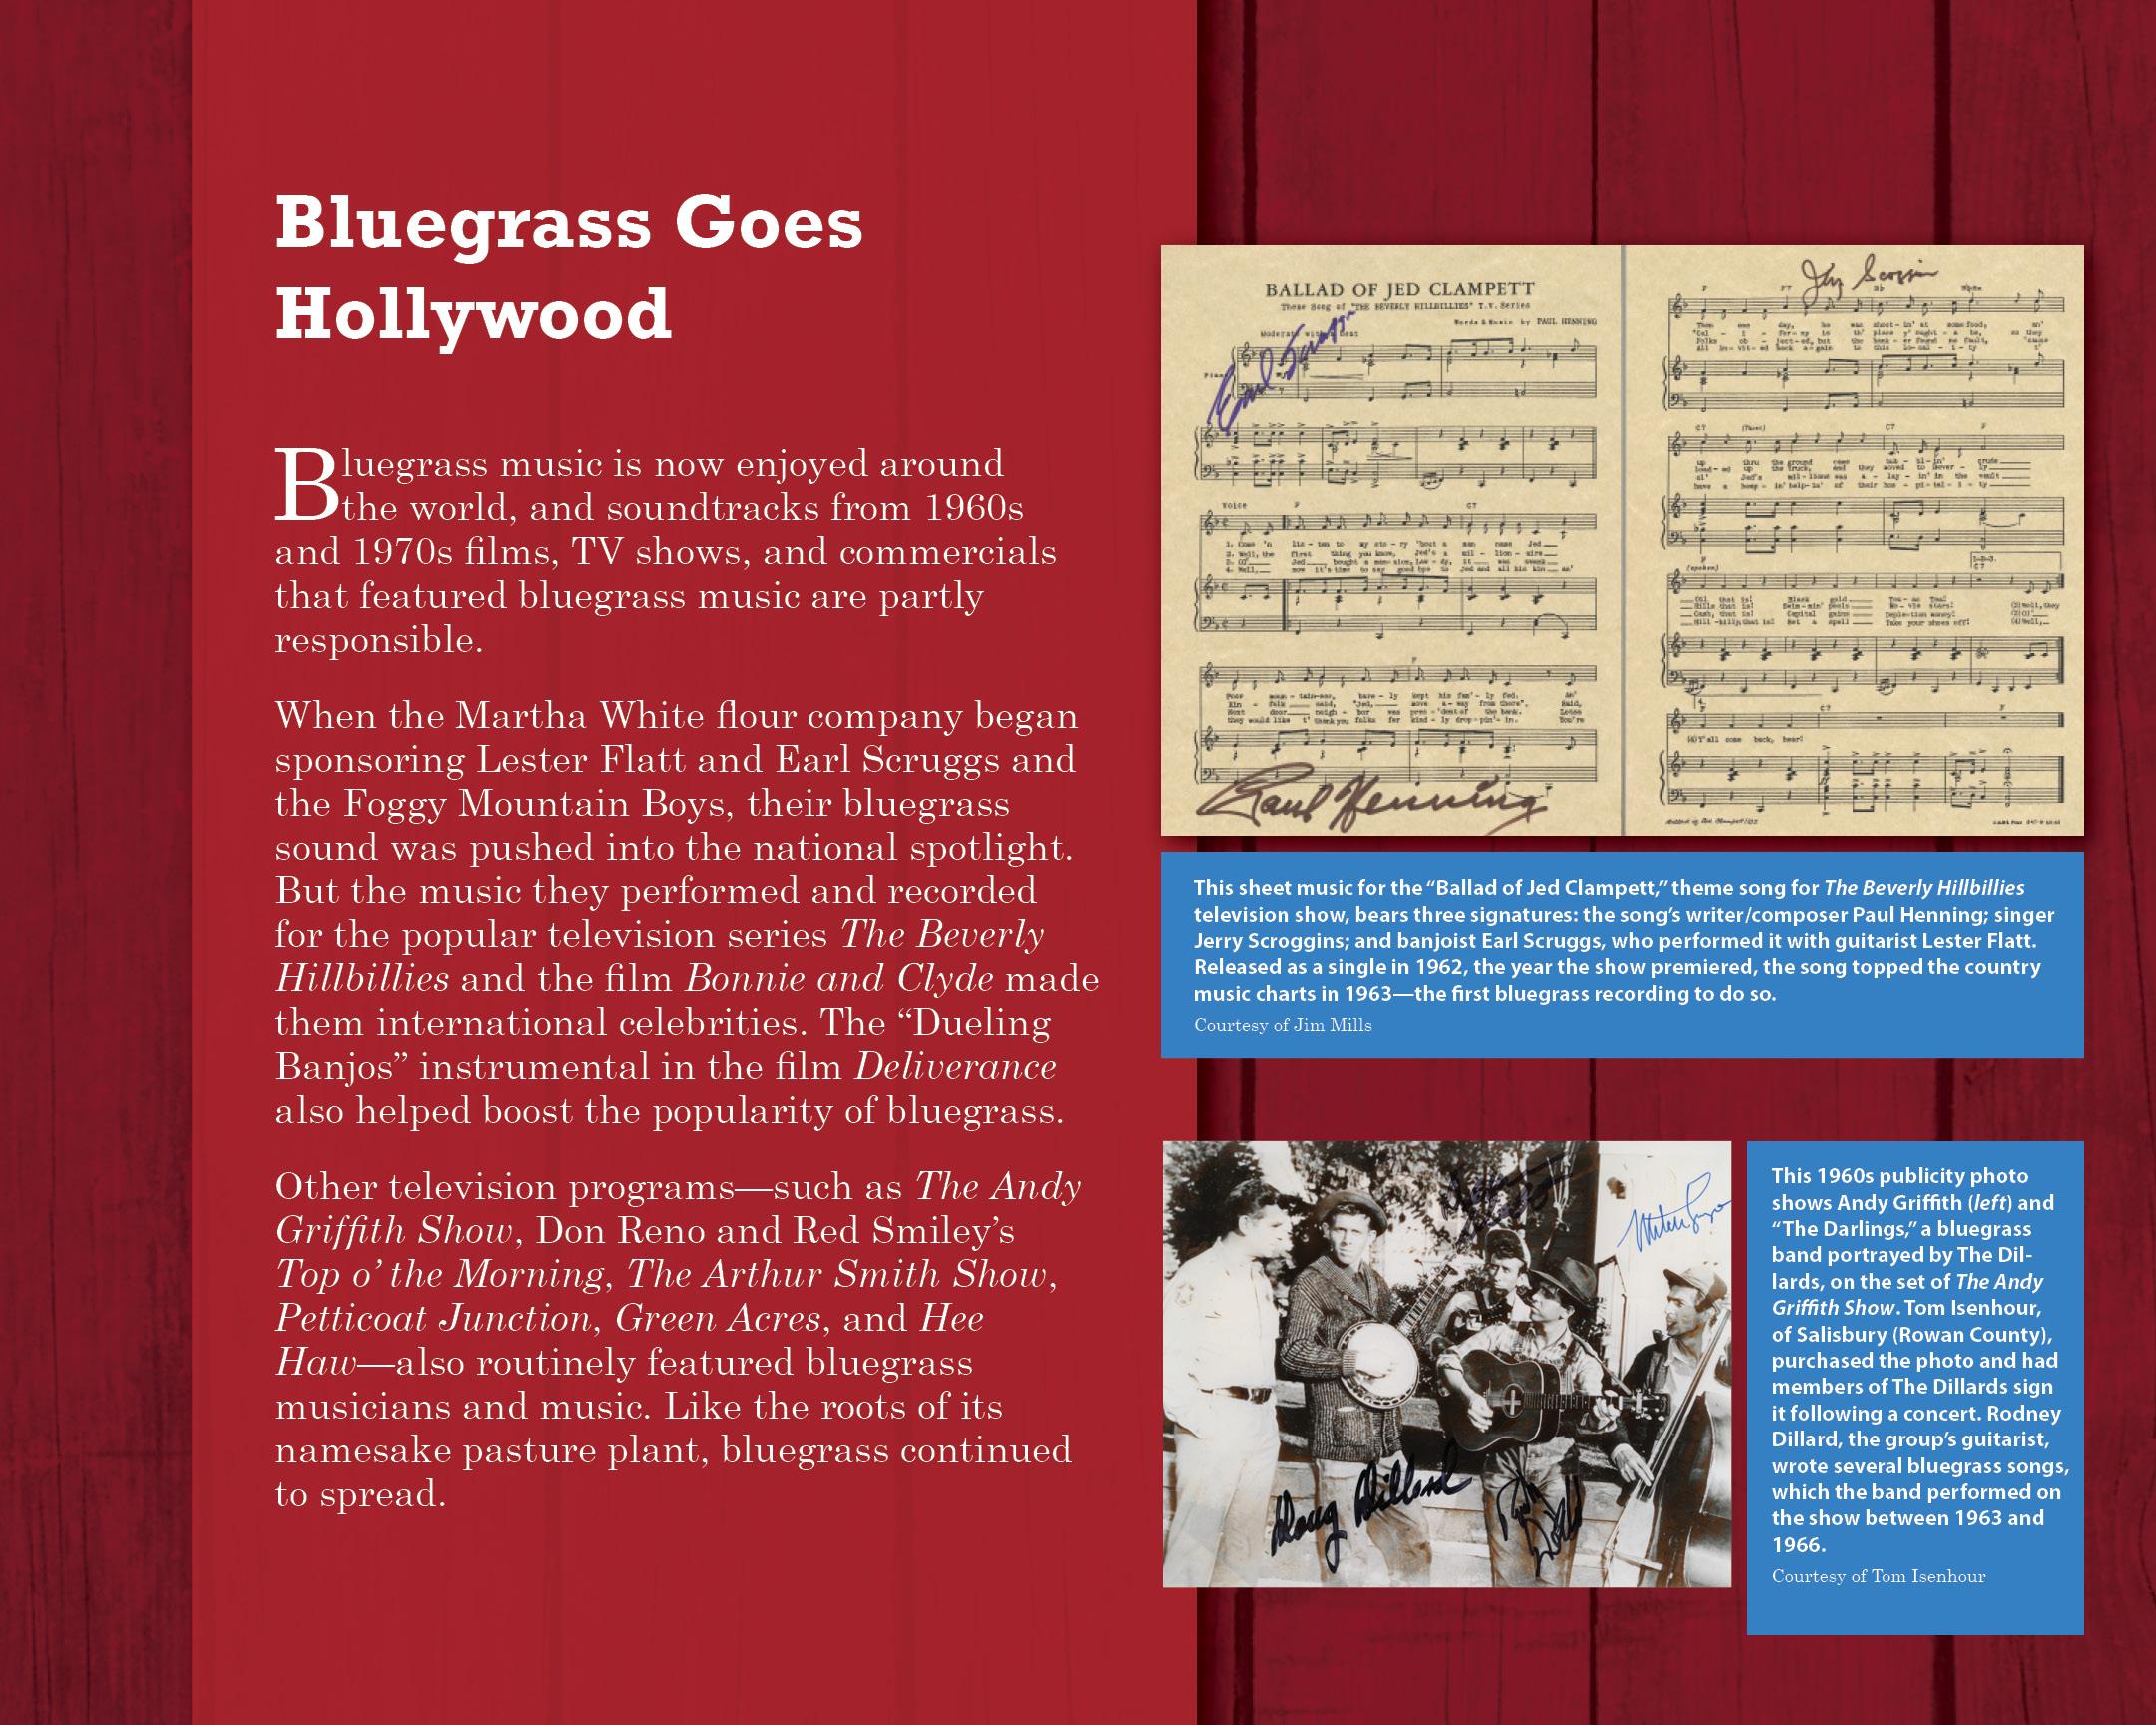 BluegrassBigtime_1